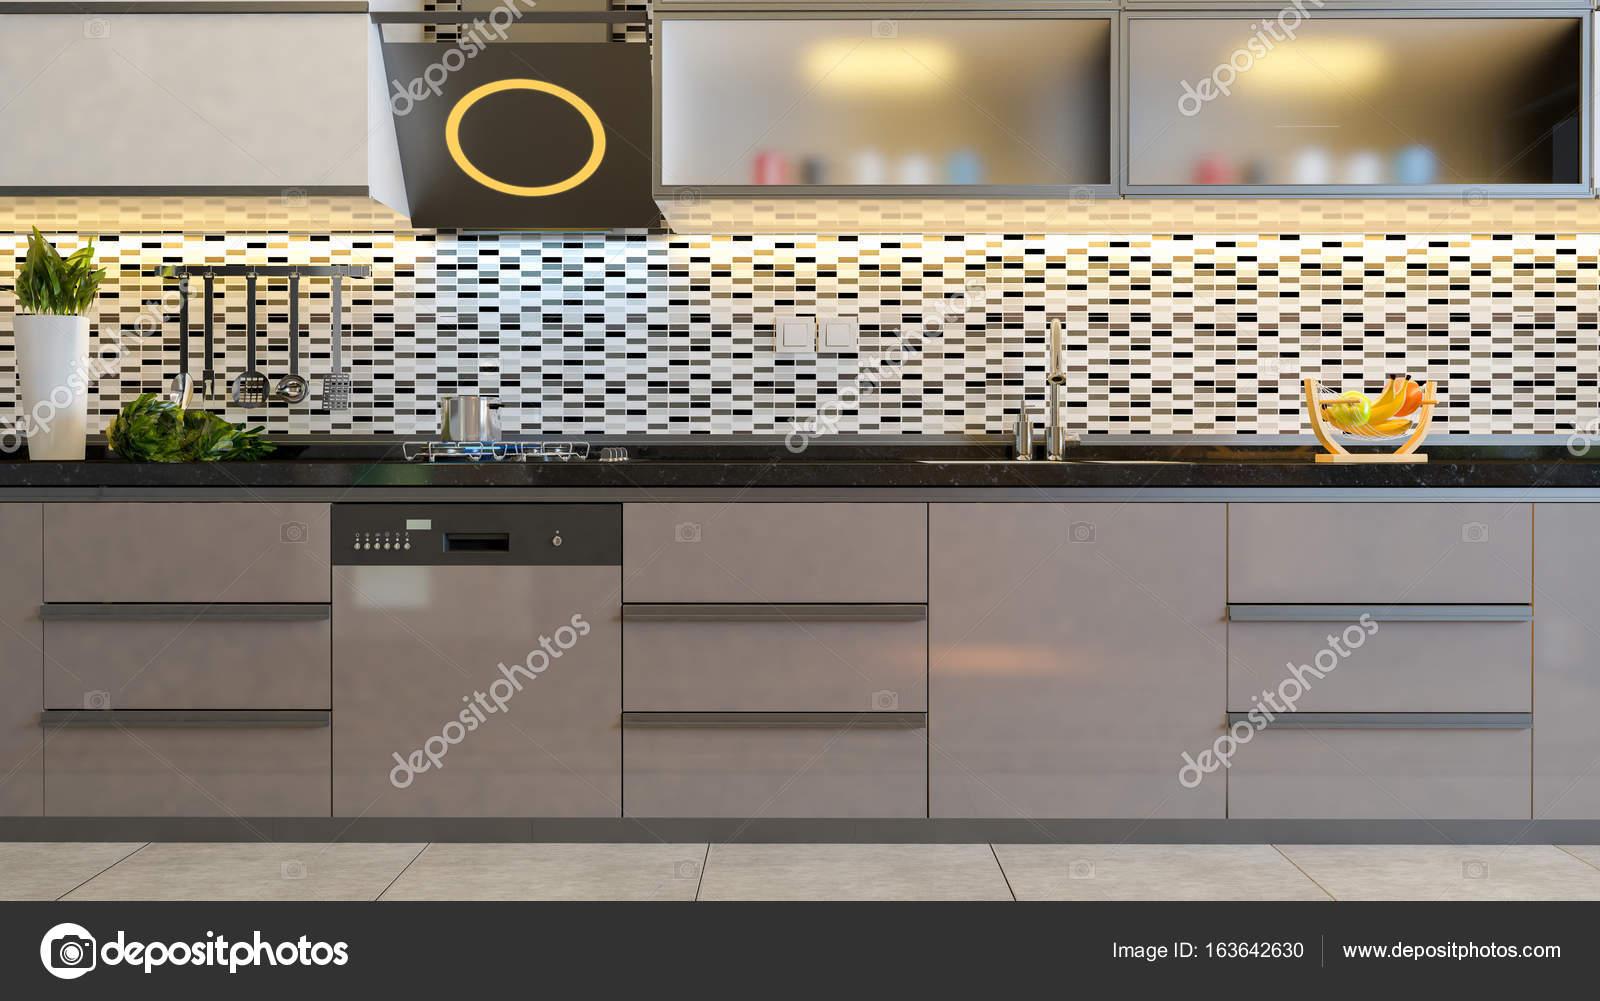 Cappuccino Farbe Braun Kuche Design Idee Stockfoto C Sseven 163642630